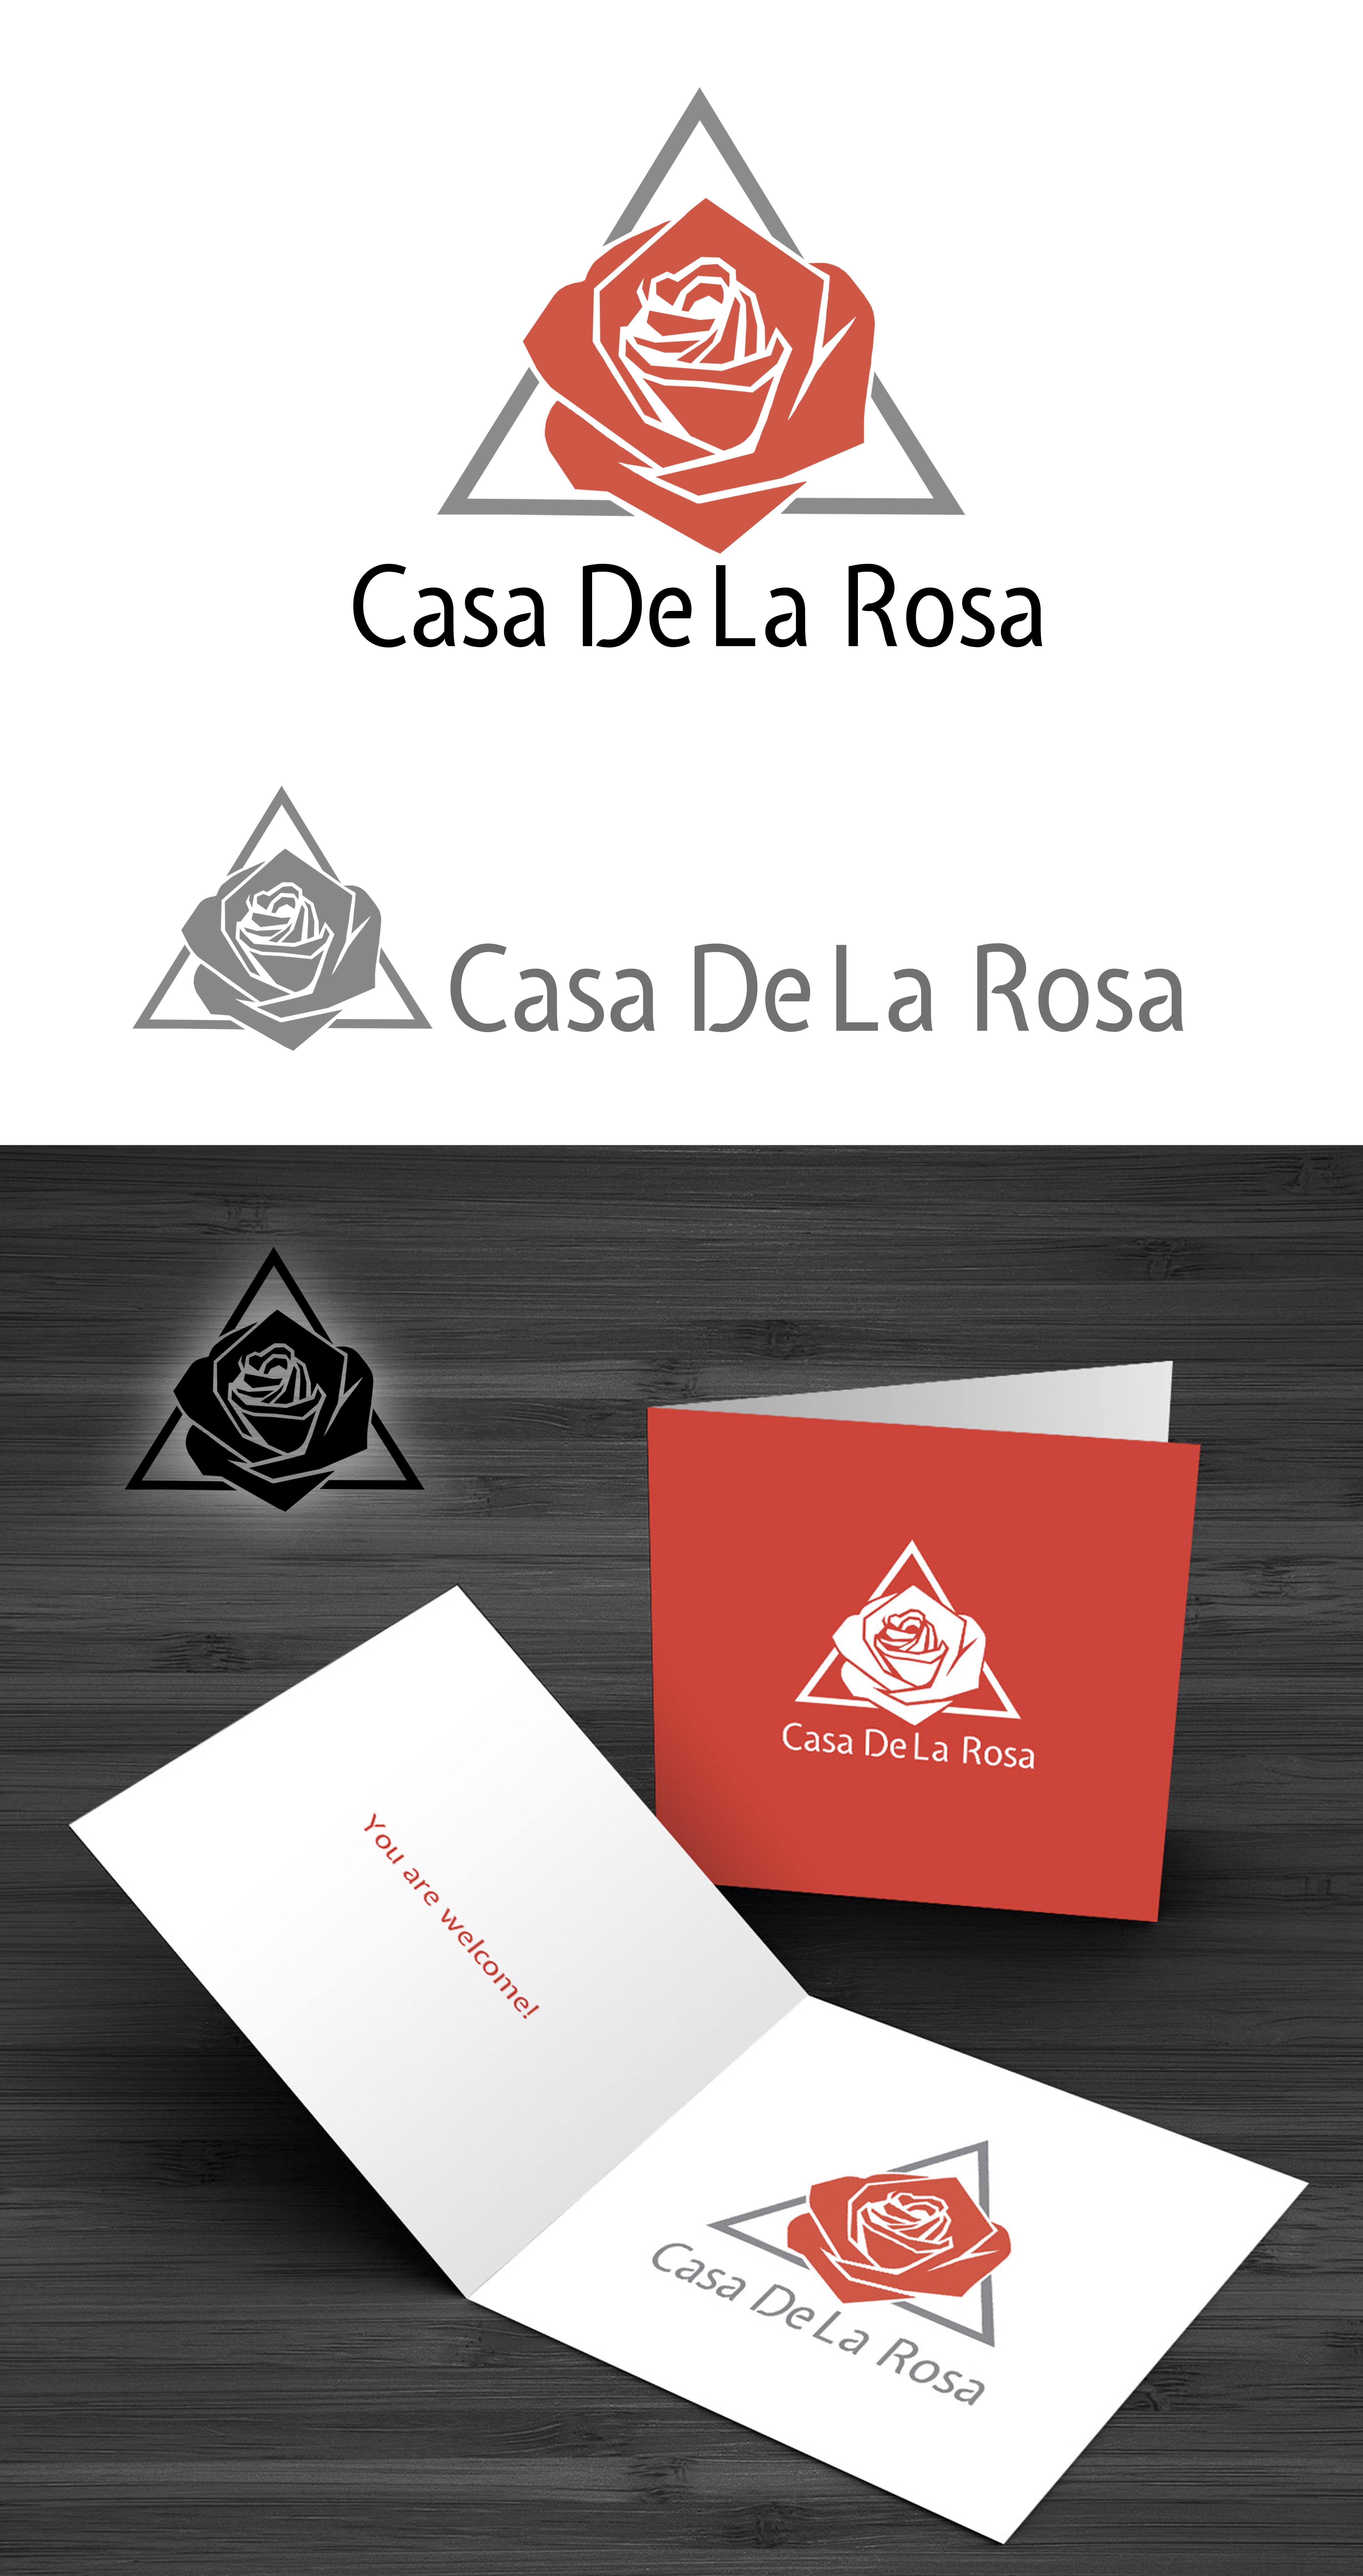 Логотип + Фирменный знак для элитного поселка Casa De La Rosa фото f_8635cd95223dccaa.jpg